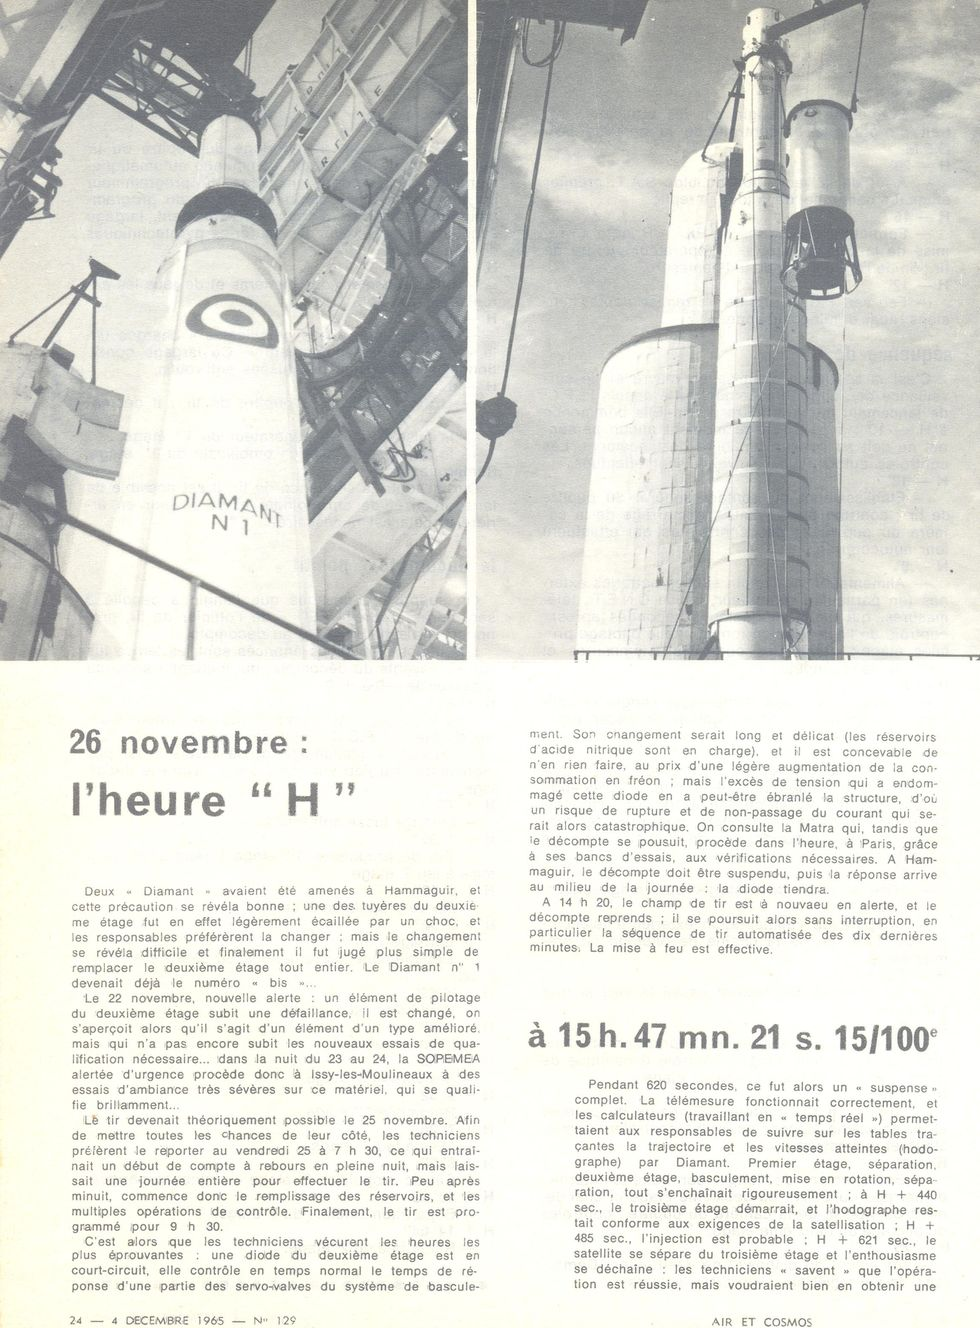 26 novembre 1965 - La France 3ème puissance spatiale 65120410